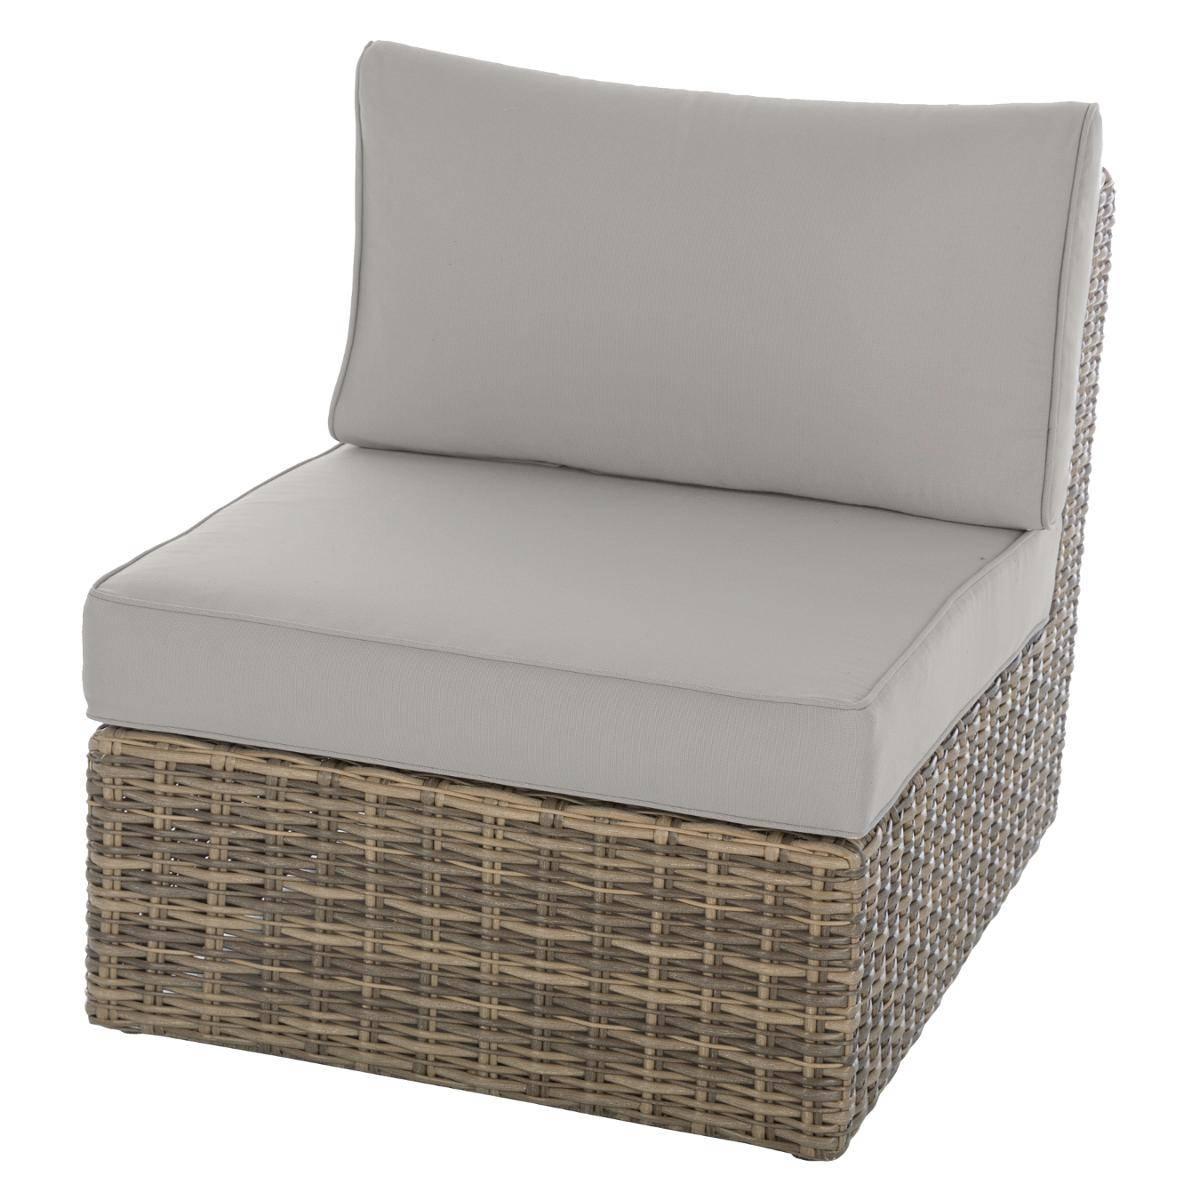 מערכת ישיבה פינתית מראטן דגם MOOREA כולל כורסא בודדת צבע טבעי